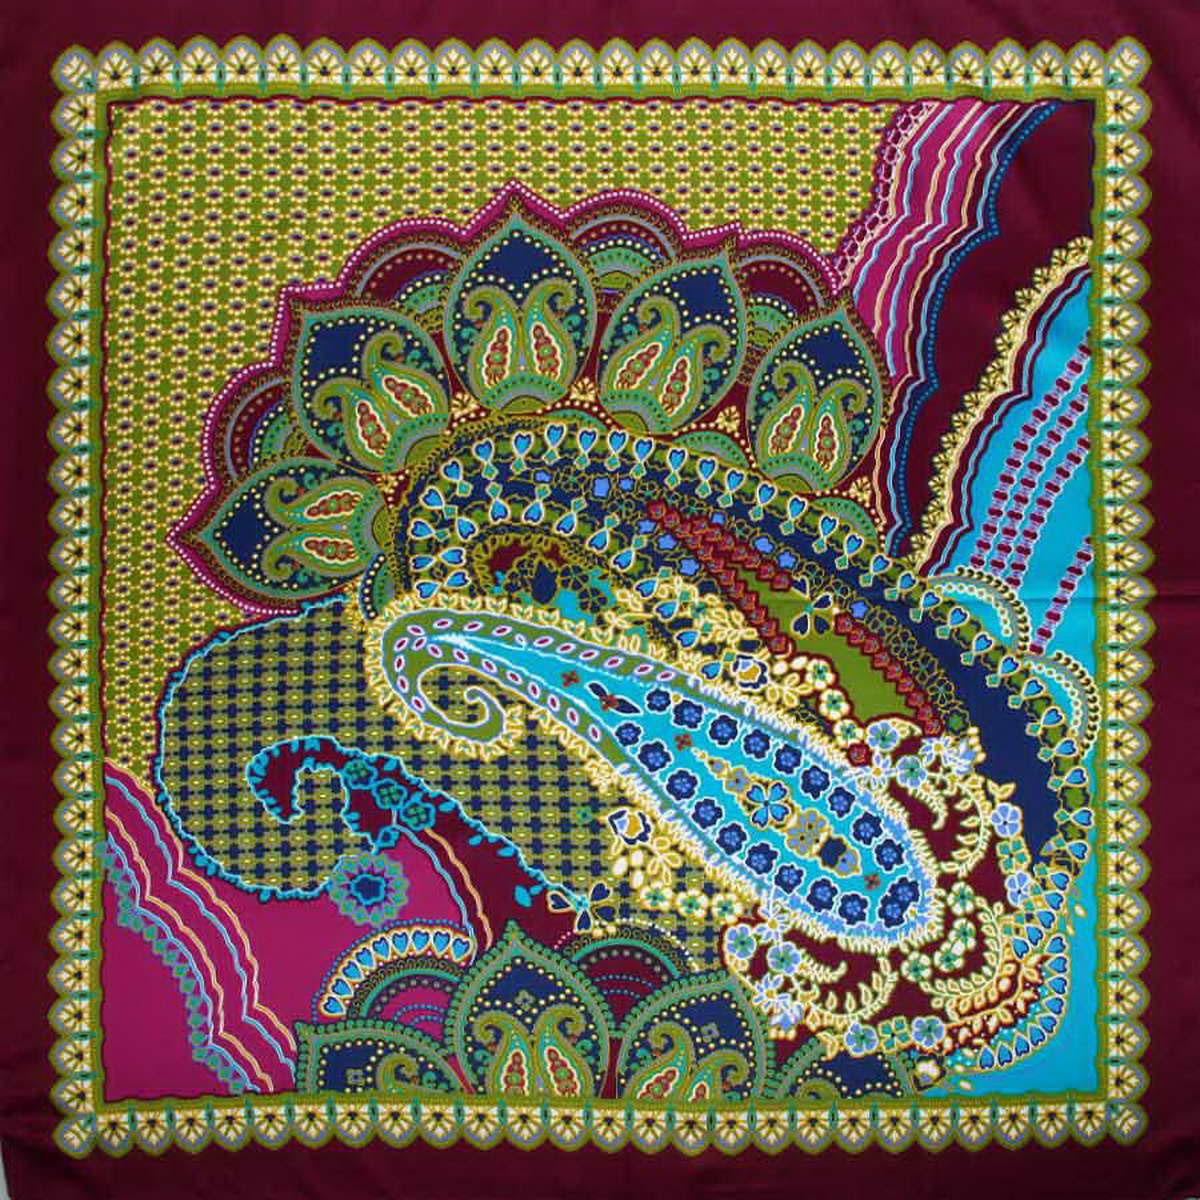 Платок женский Venera, цвет: фиолетовый, зеленый, синий. 3906833-09. Размер 90 см х 90 см3906833-09Стильный женский платок Venera станет великолепным завершением любого наряда. Платок, изготовленный из полиэстера, оформлен оригинальным принтом. Классическая квадратная форма позволяет носить платок на шее, украшать им прическу или декорировать сумочку. Легкий и приятный на ощупь платок поможет вам создать изысканный женственный образ. Такой платок превосходно дополнит любой наряд и подчеркнет ваш неповторимый вкус и элегантность.